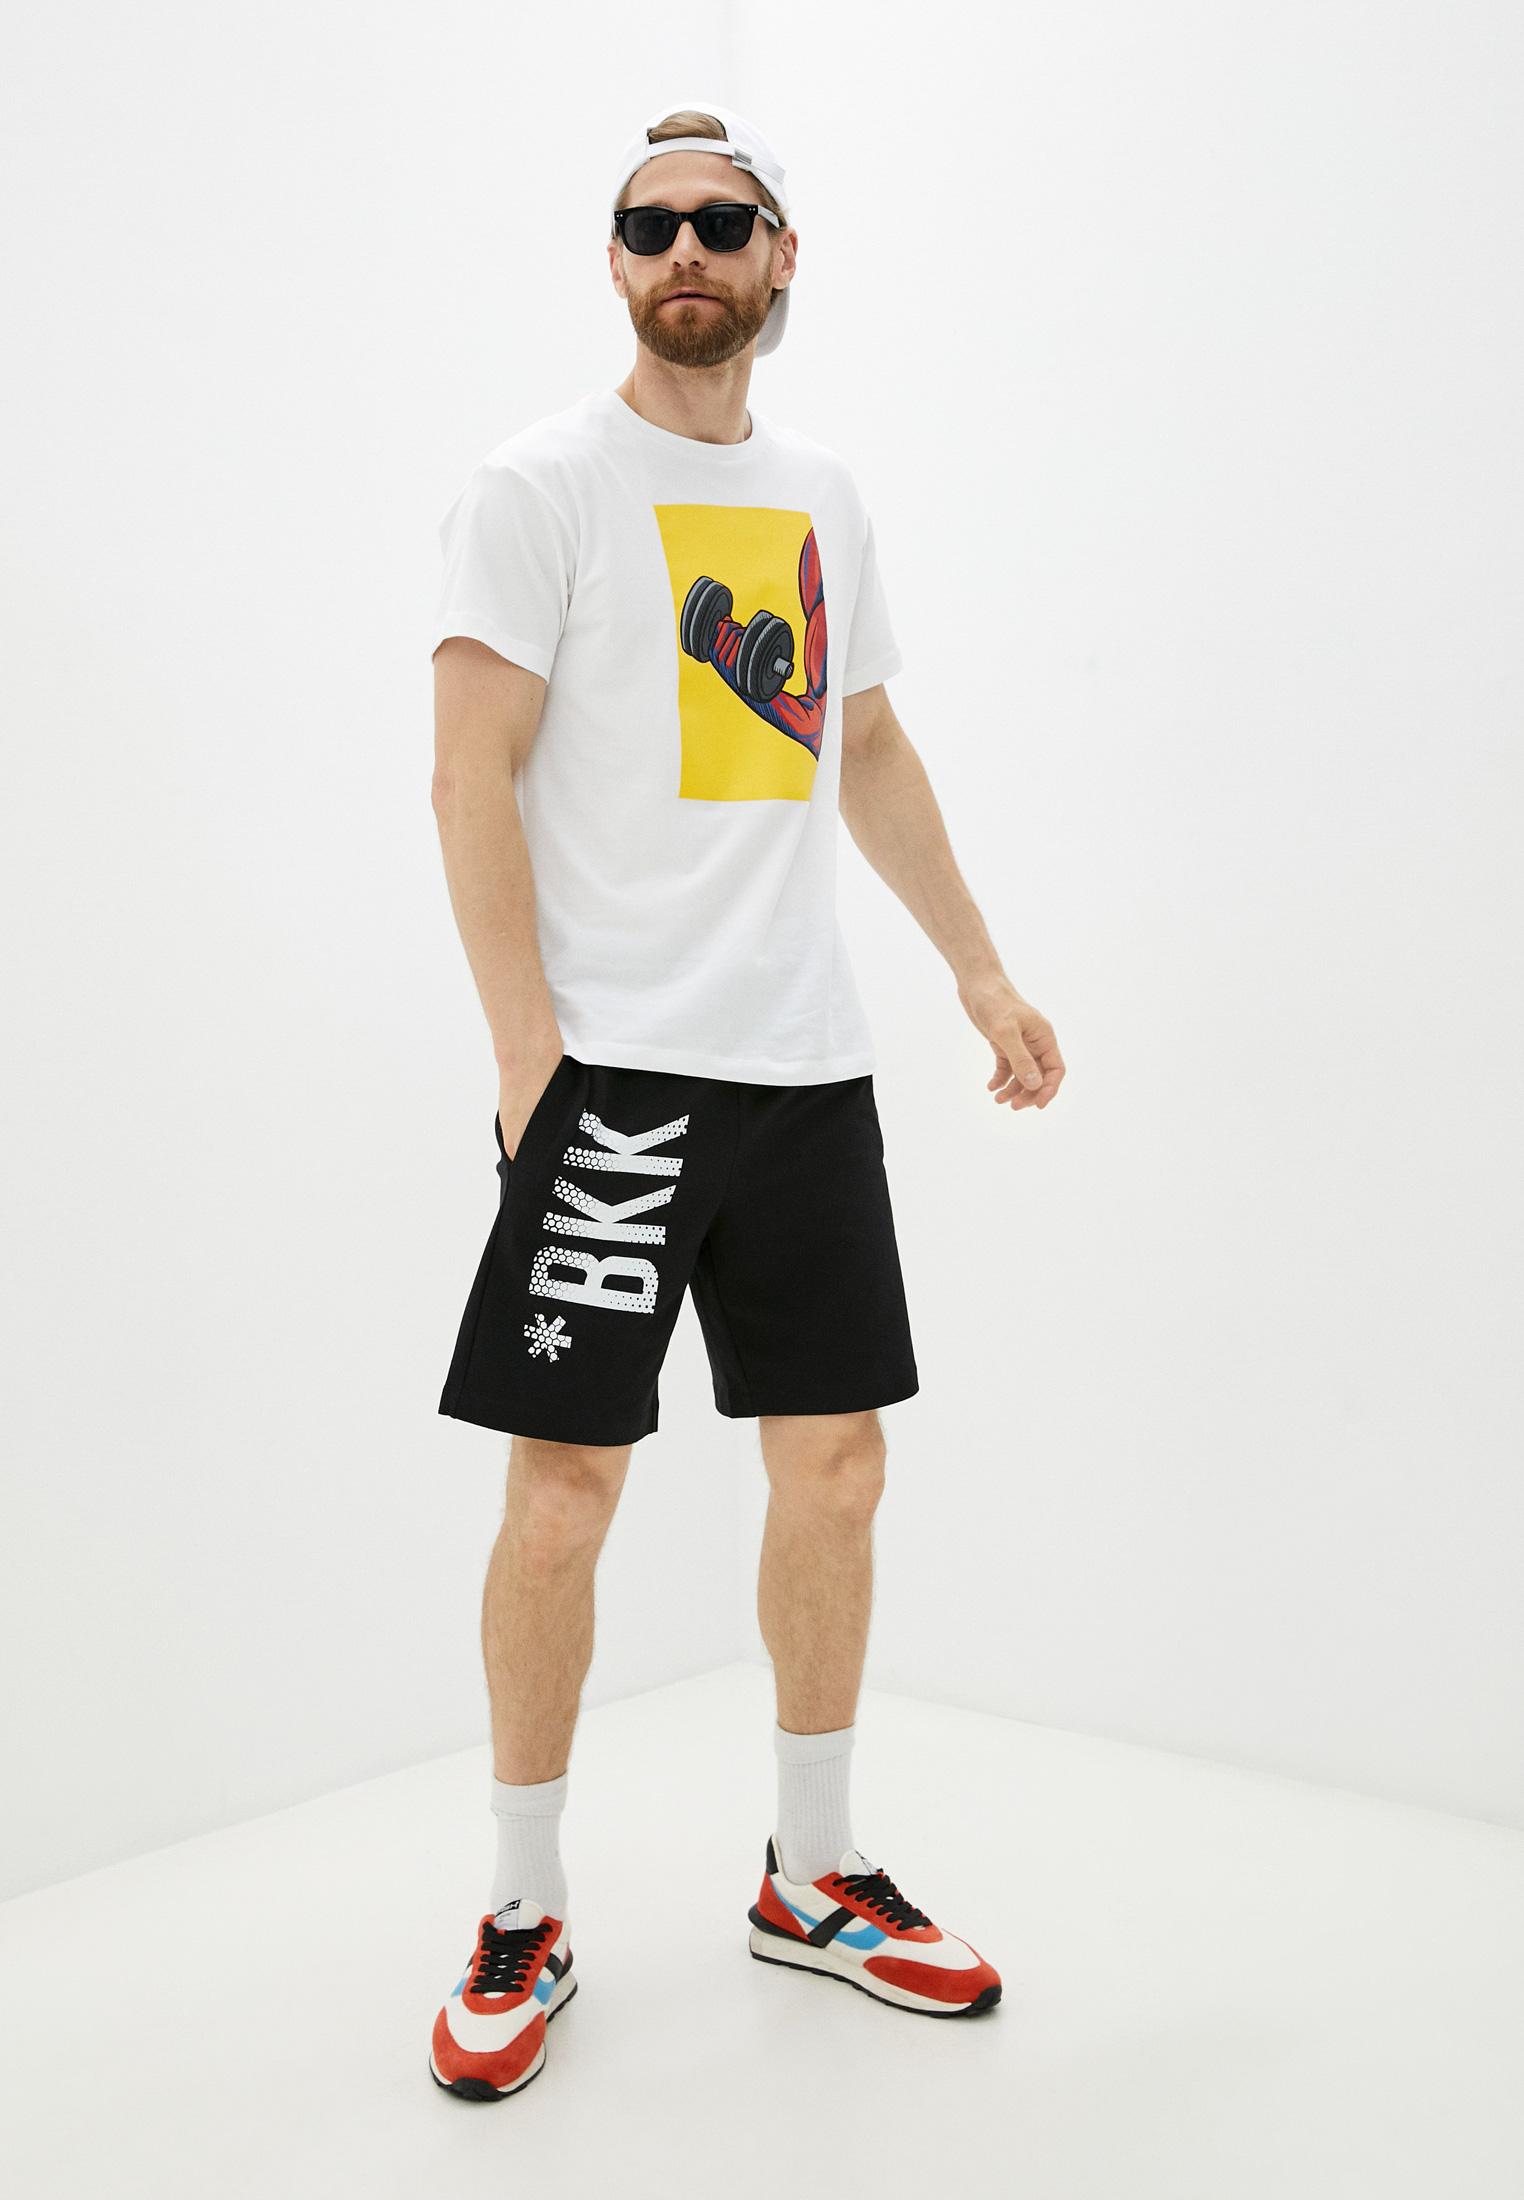 Мужская футболка Bikkembergs (Биккембергс) C 4 114 02 E 2273: изображение 3